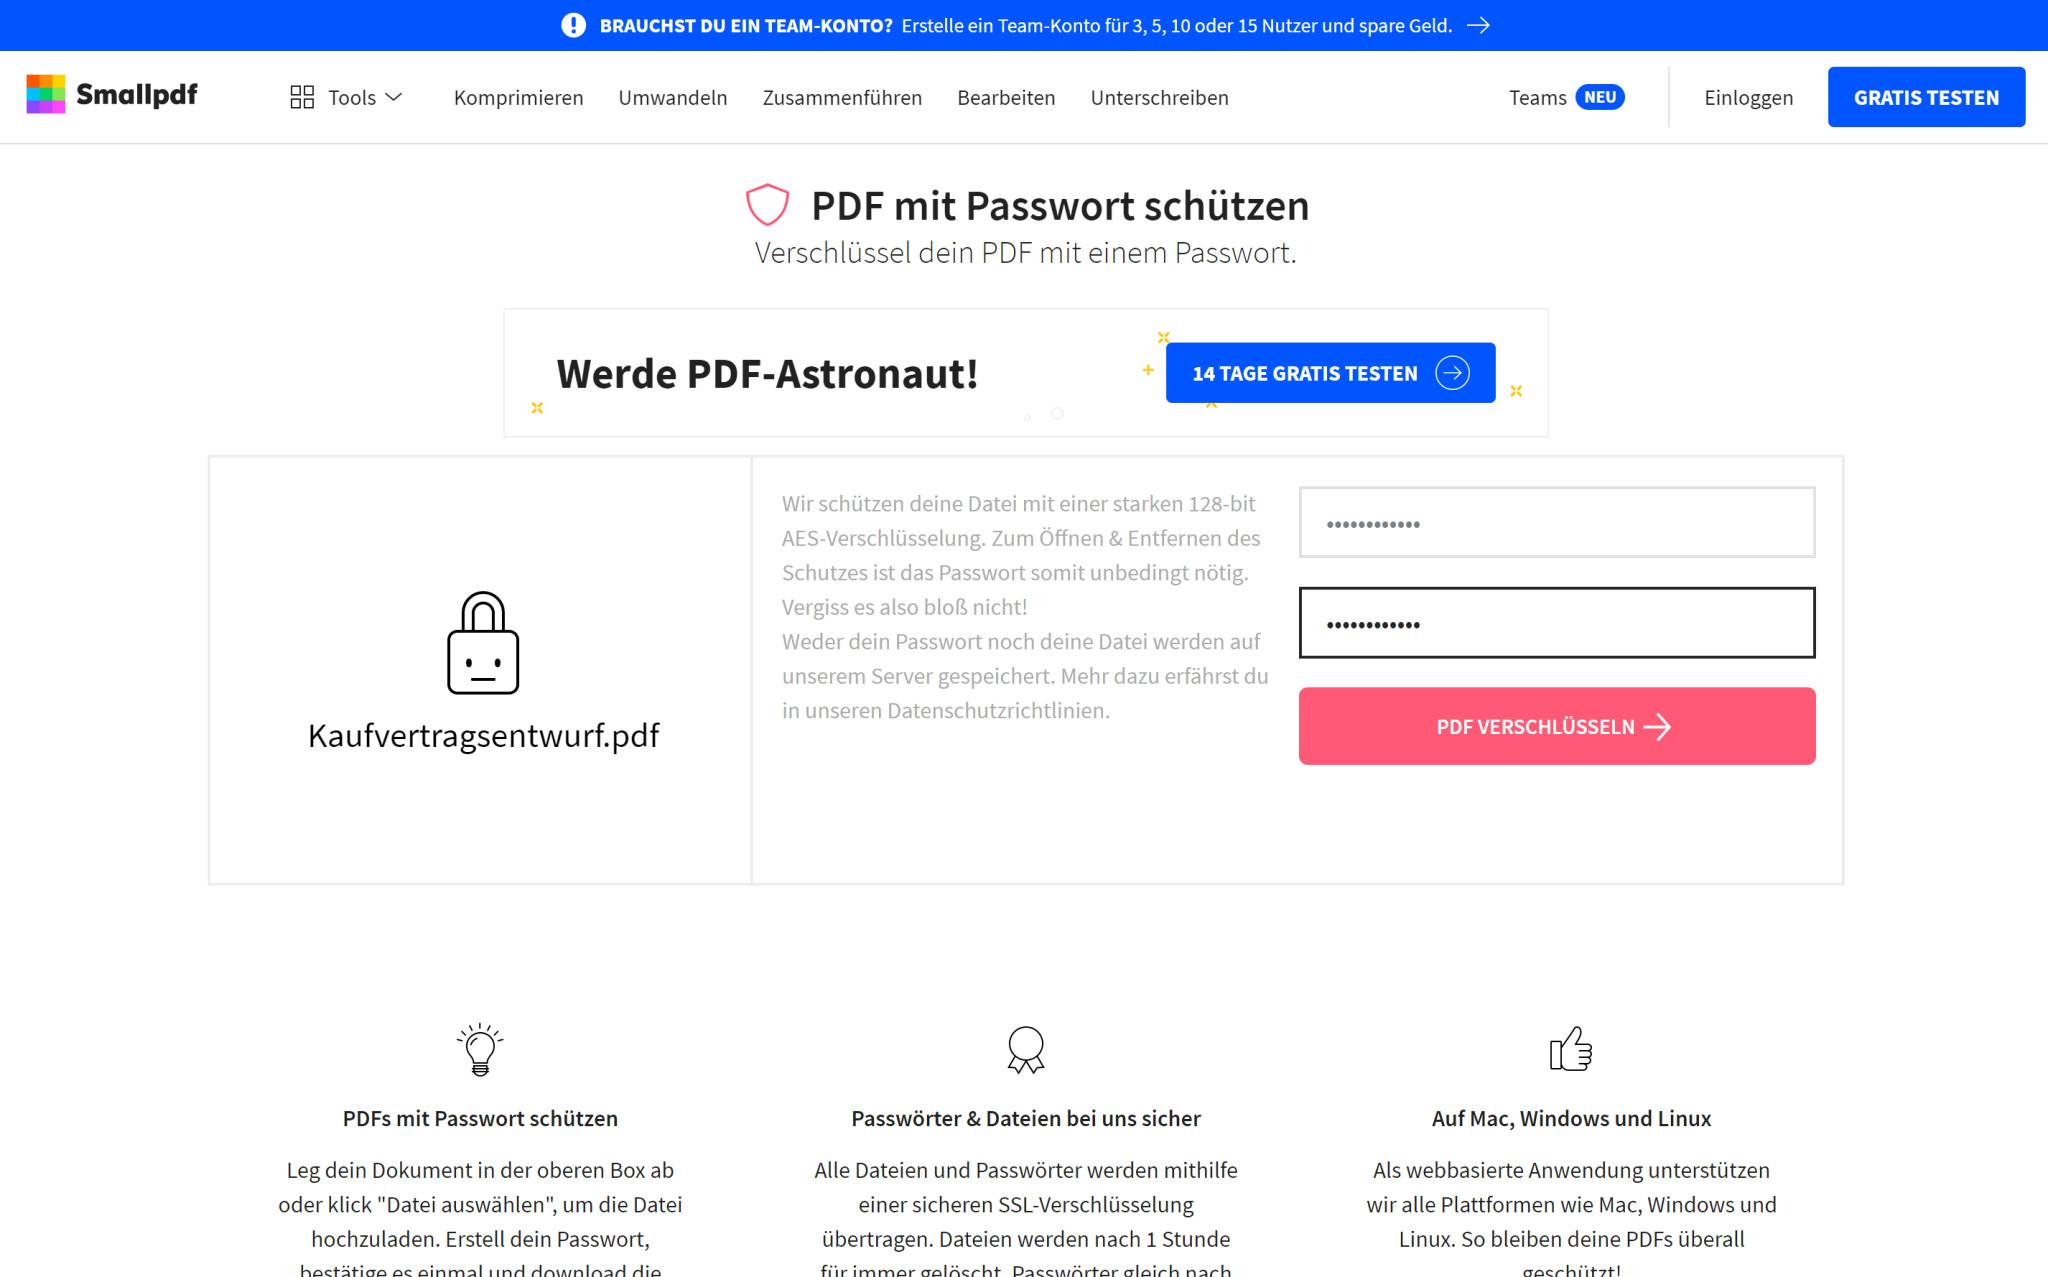 Screenshot 1 - PDF mit Passwort schützen